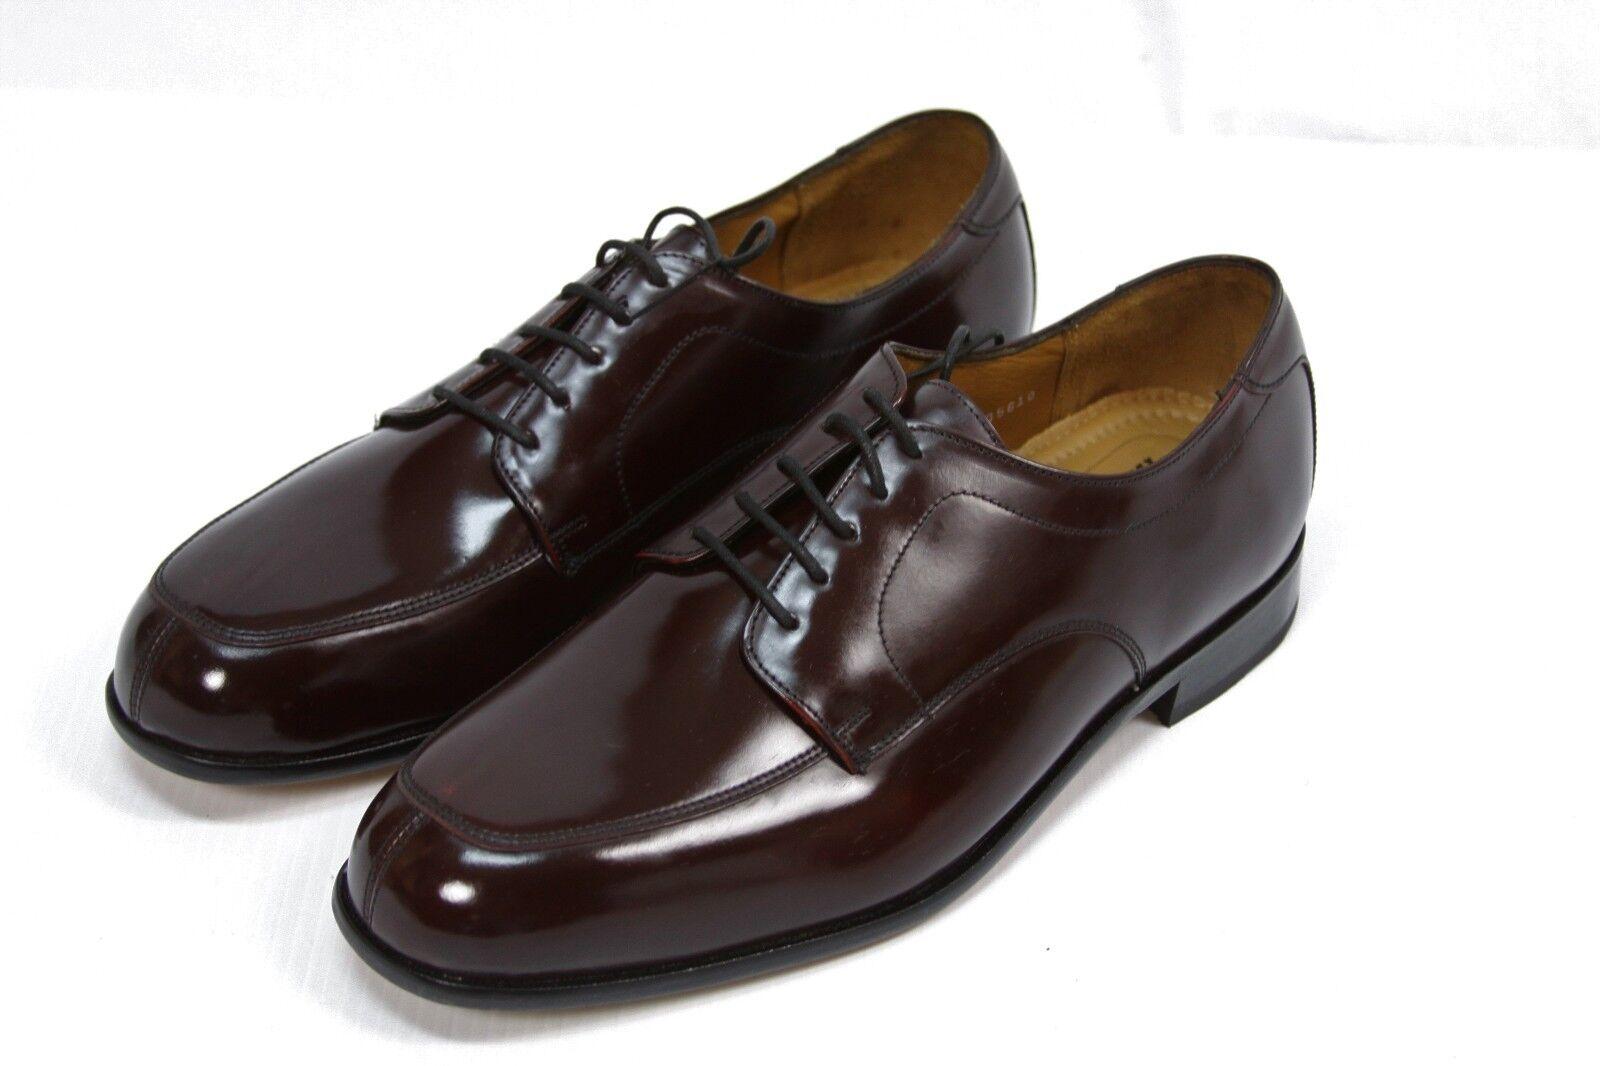 Men's Florsheim  oxfords dress  leather shoes  US 11.5 M